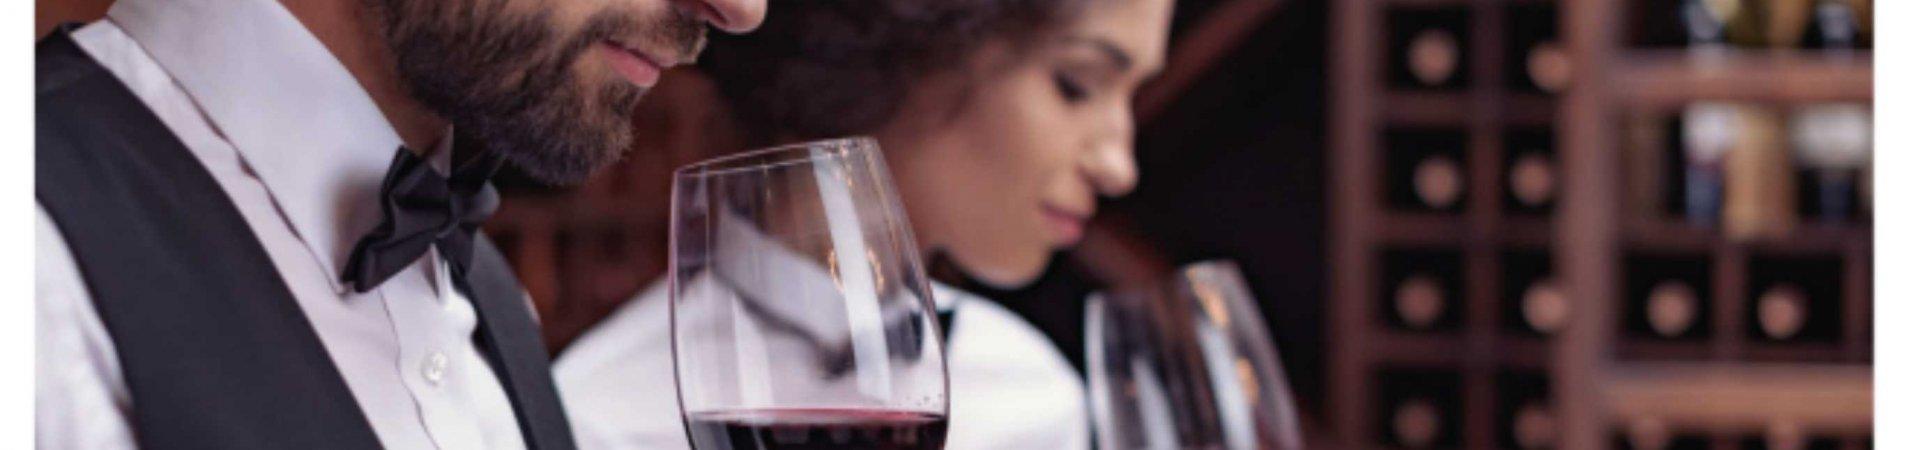 Kolacja z winami hiszpańskimi